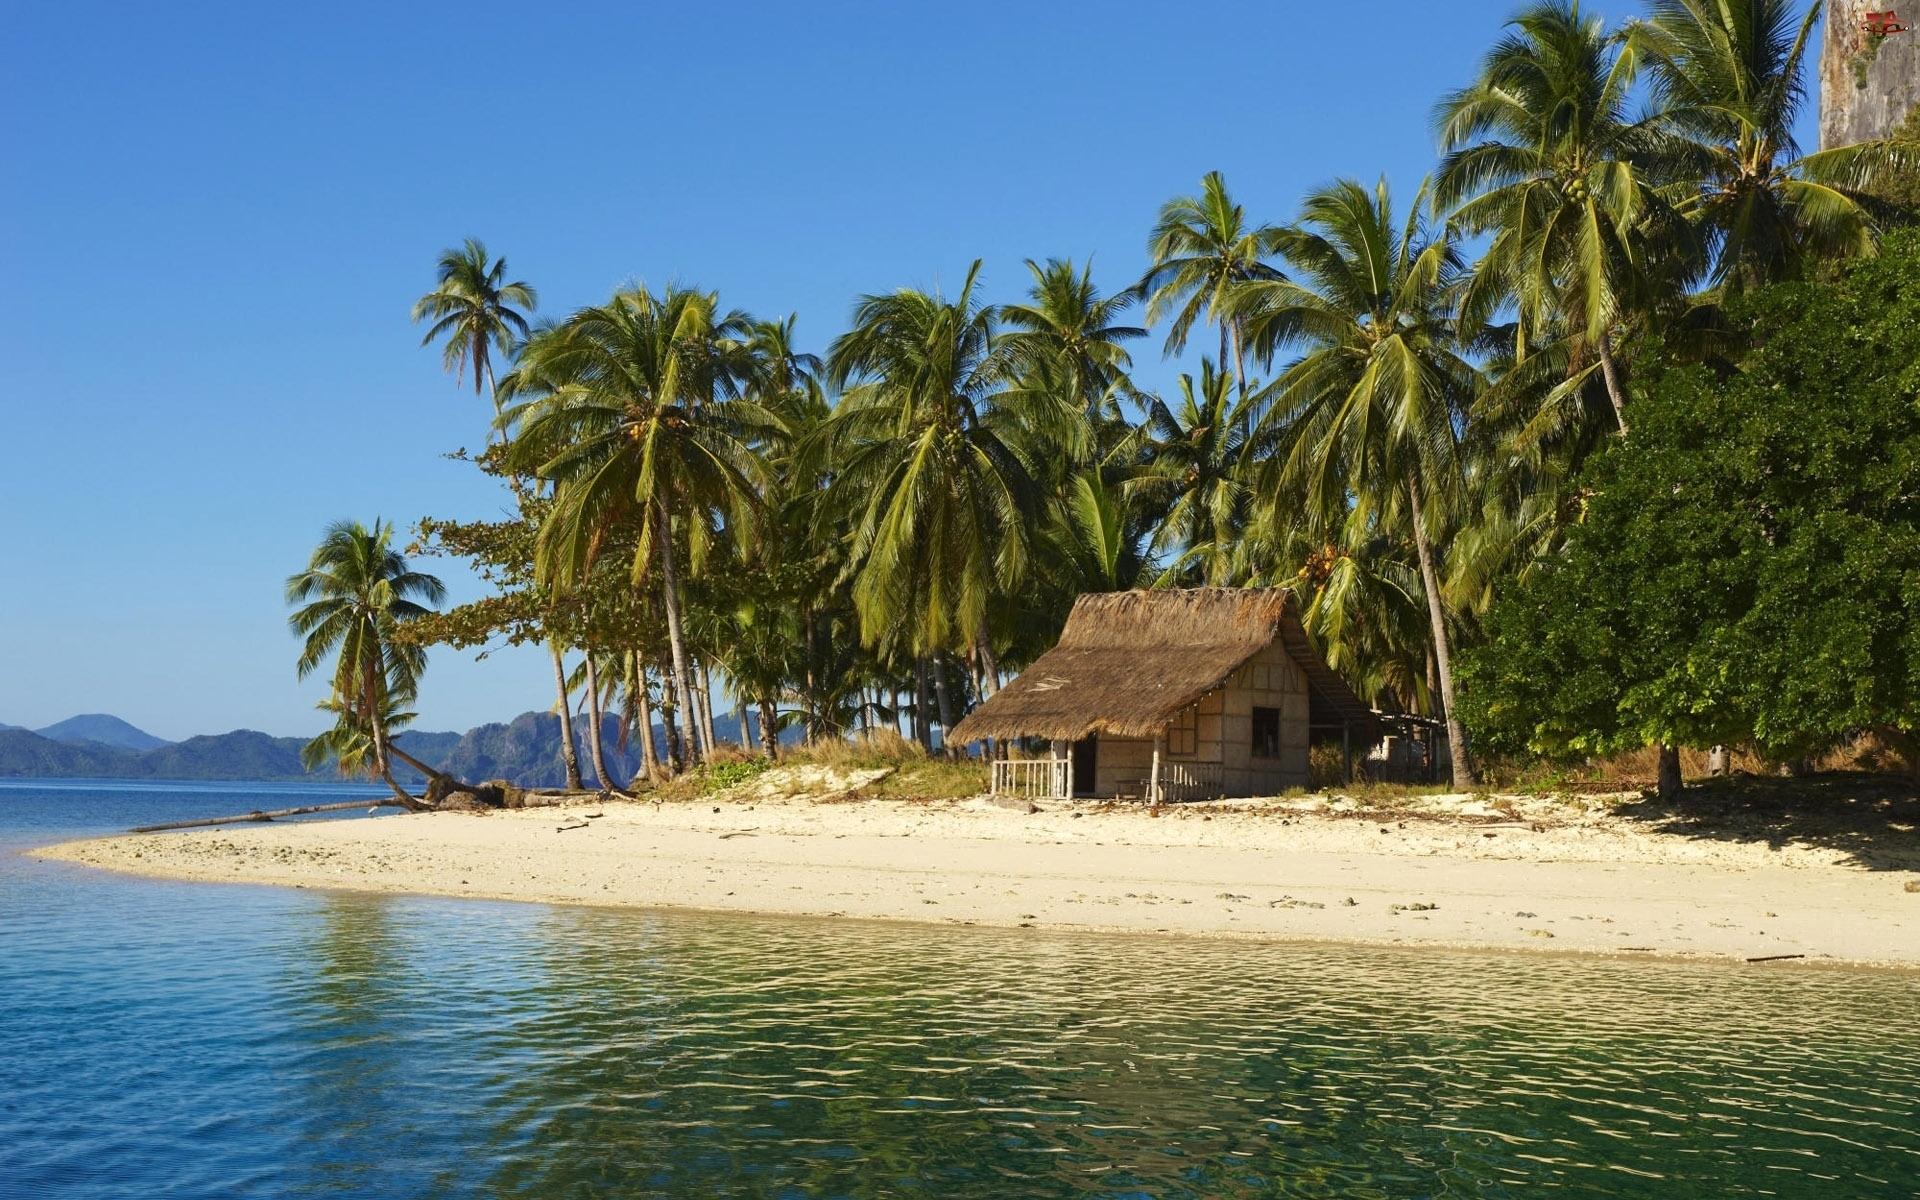 исхода картинки остров с пальмой и хижиной отметить, что значительно